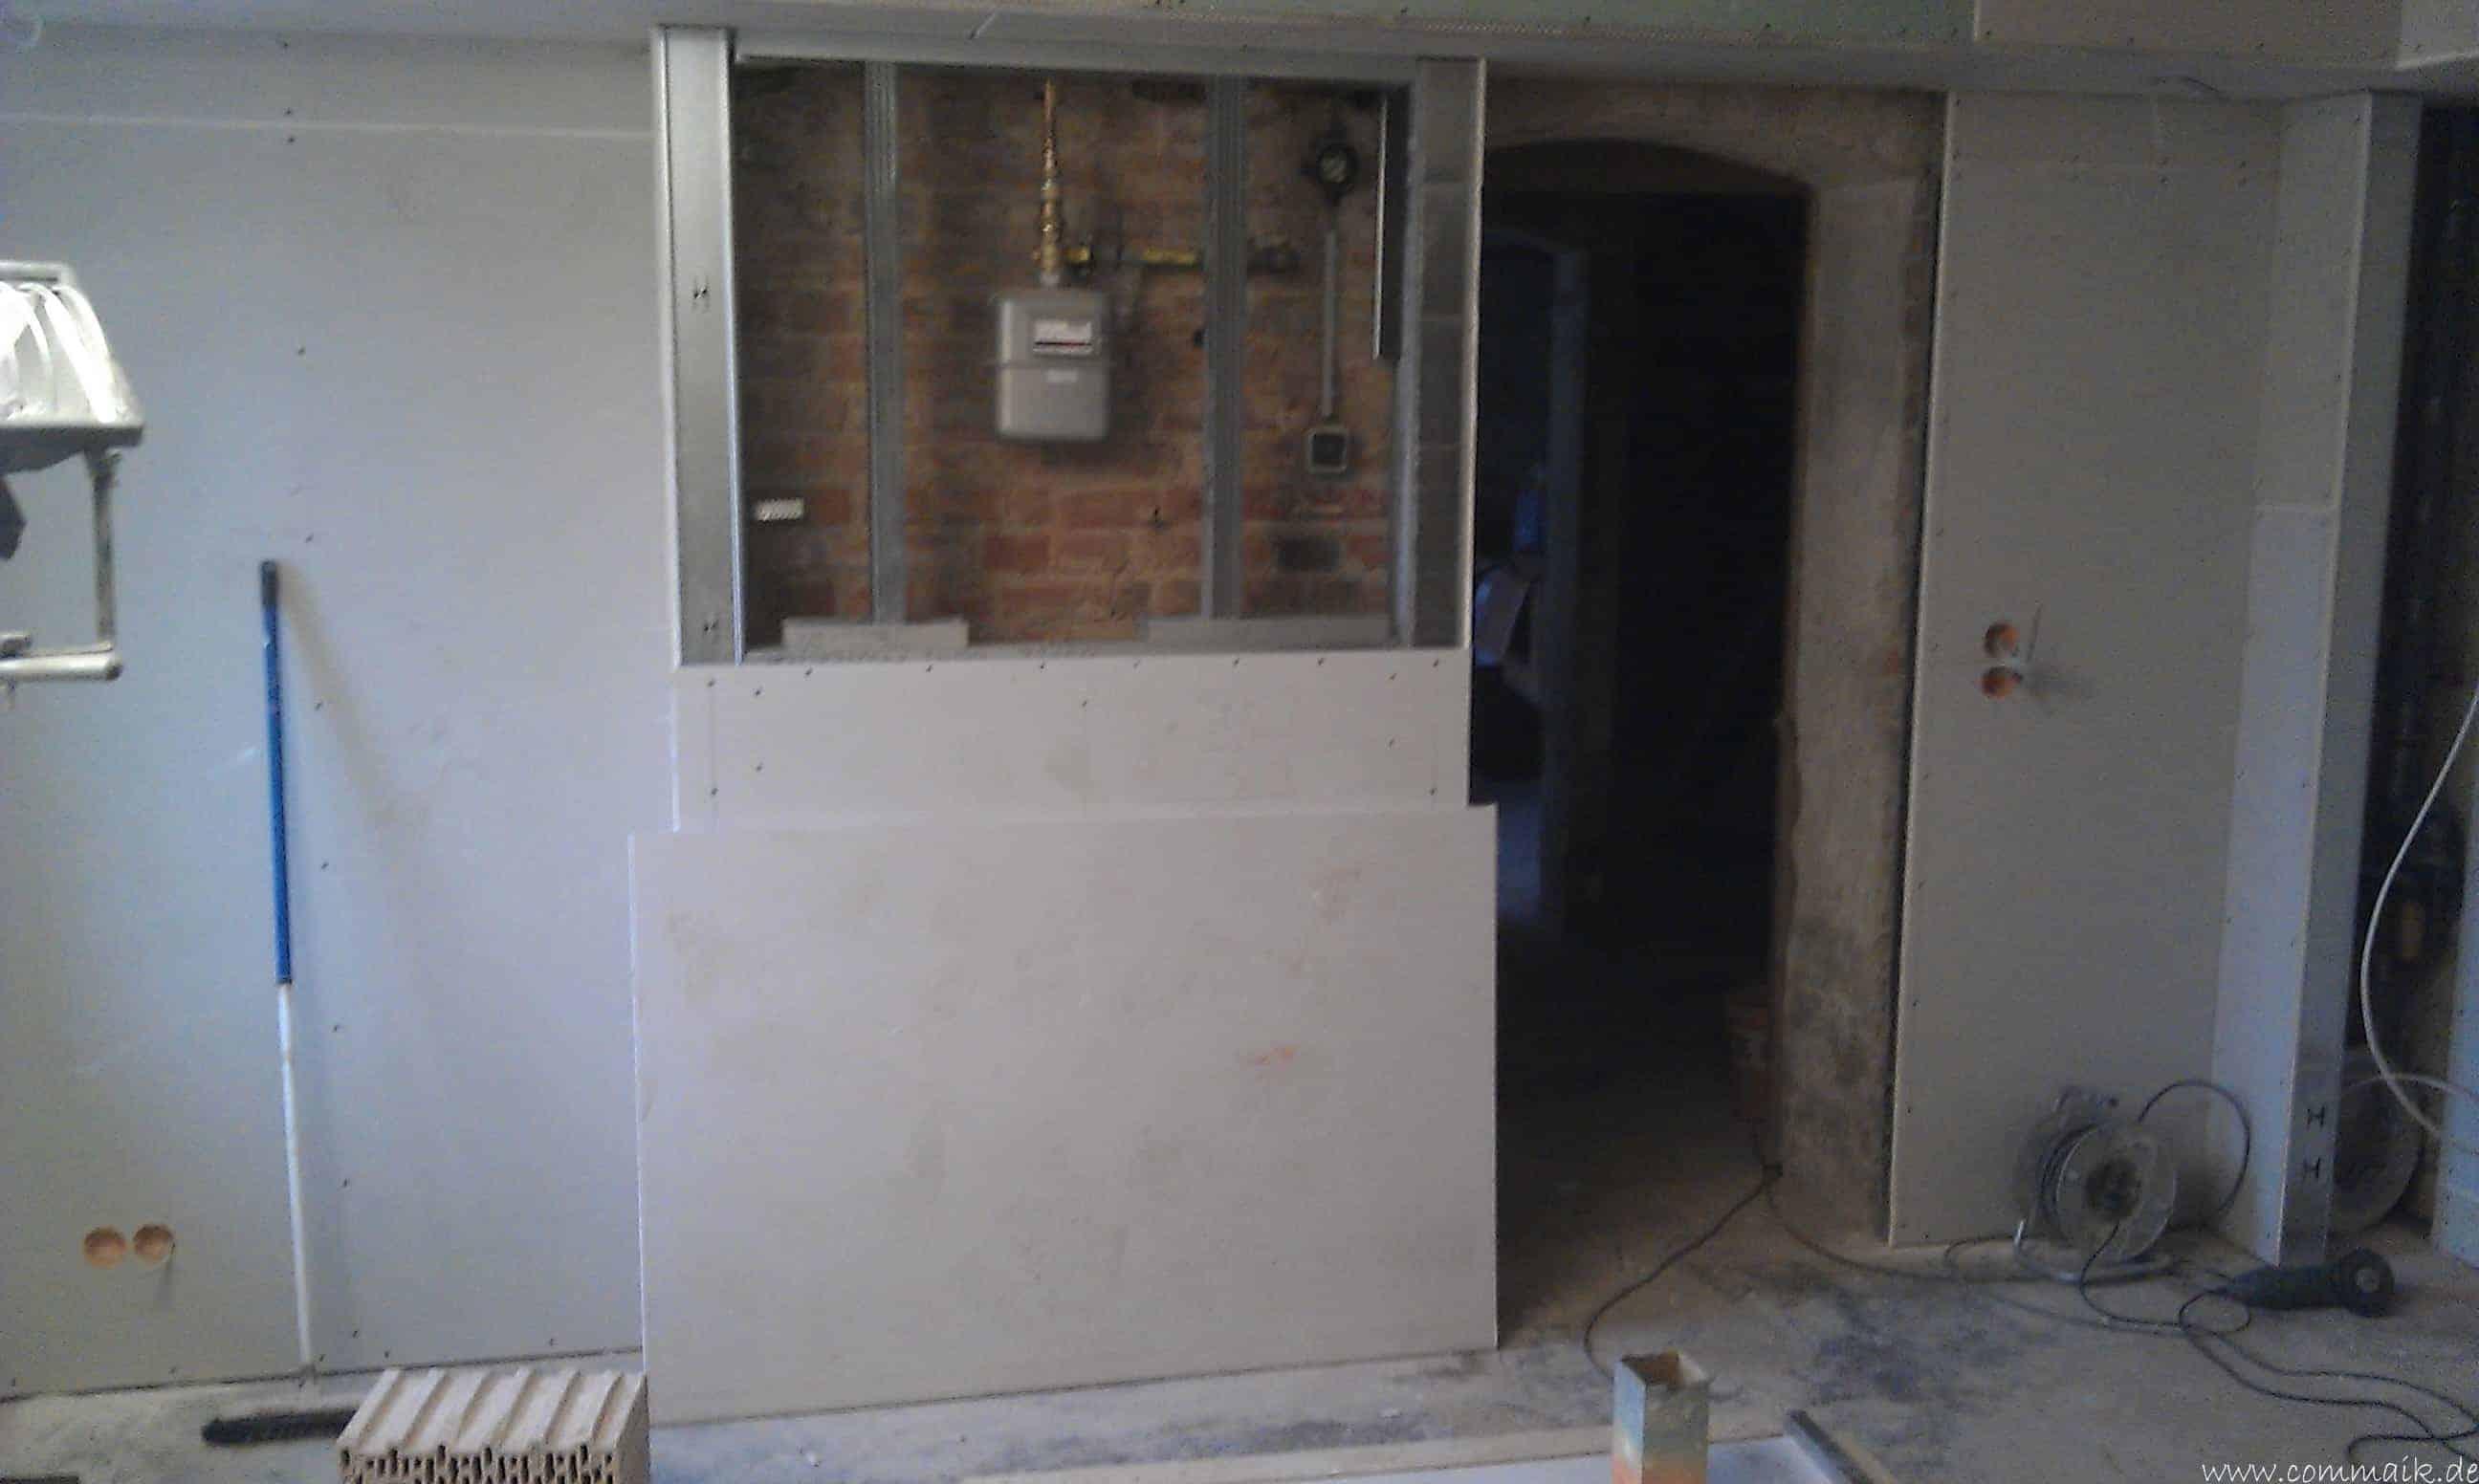 dusche im keller einbauen dusche im keller bauen buero im keller - Dusche Im Keller Bauen